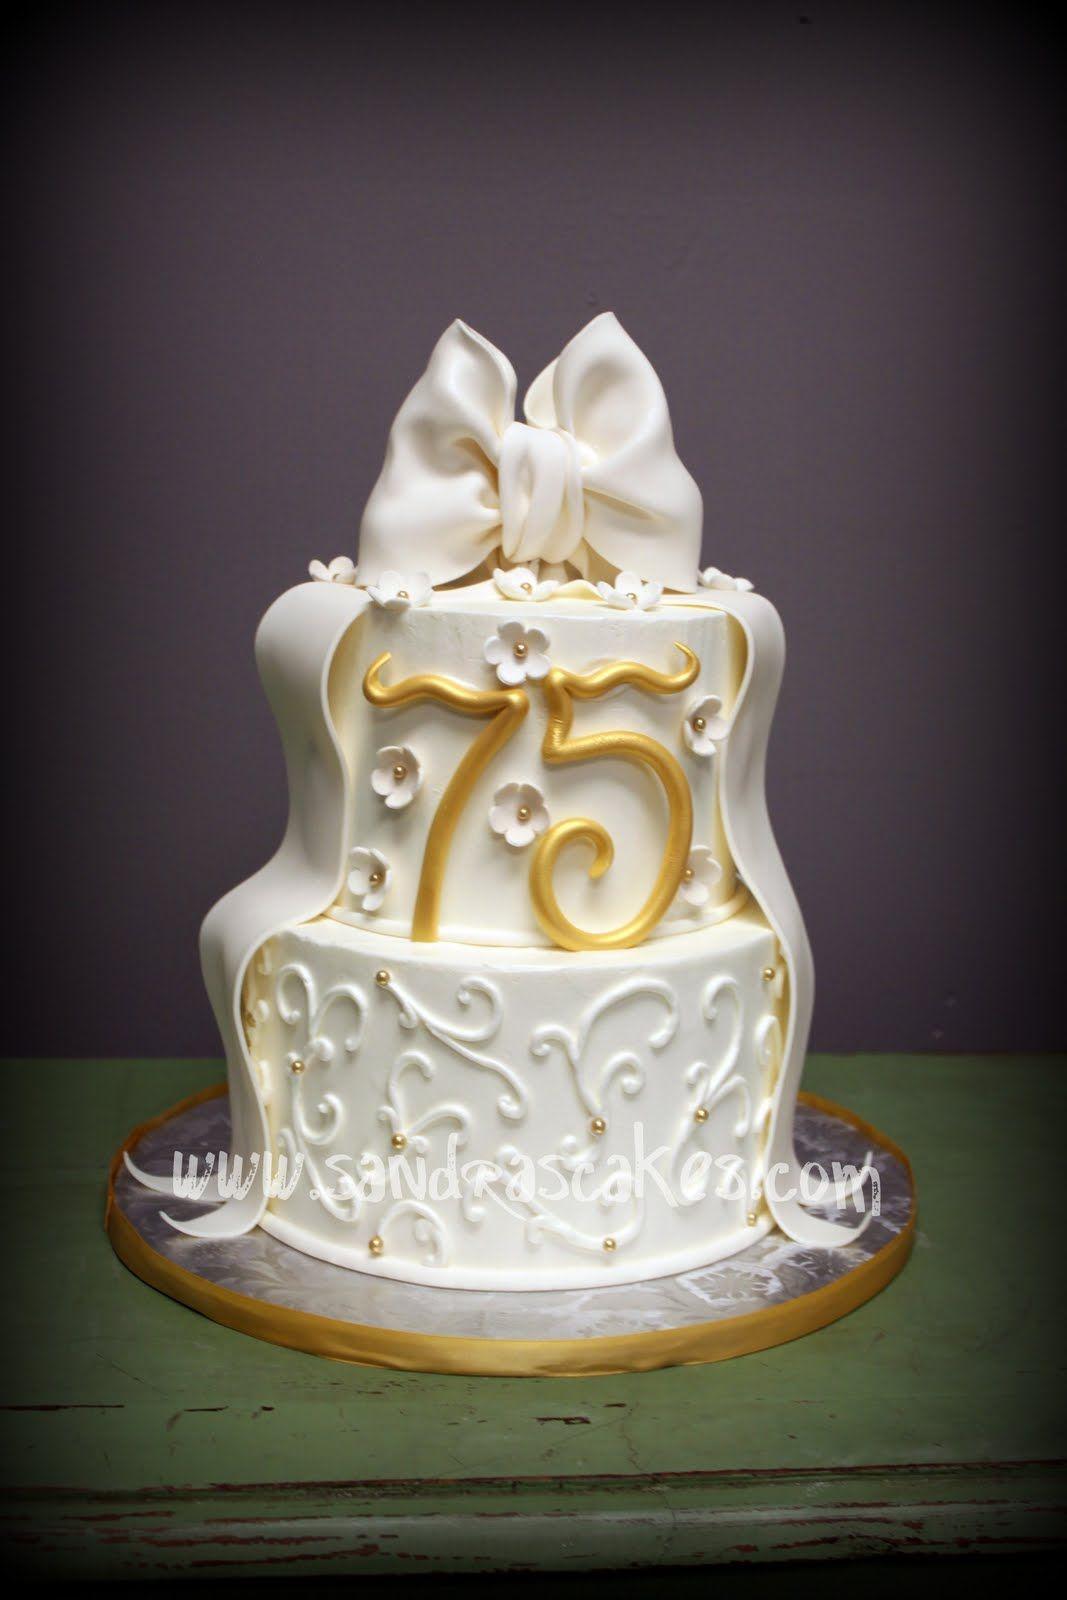 Retirement Cakes Inspiration On Pinterest